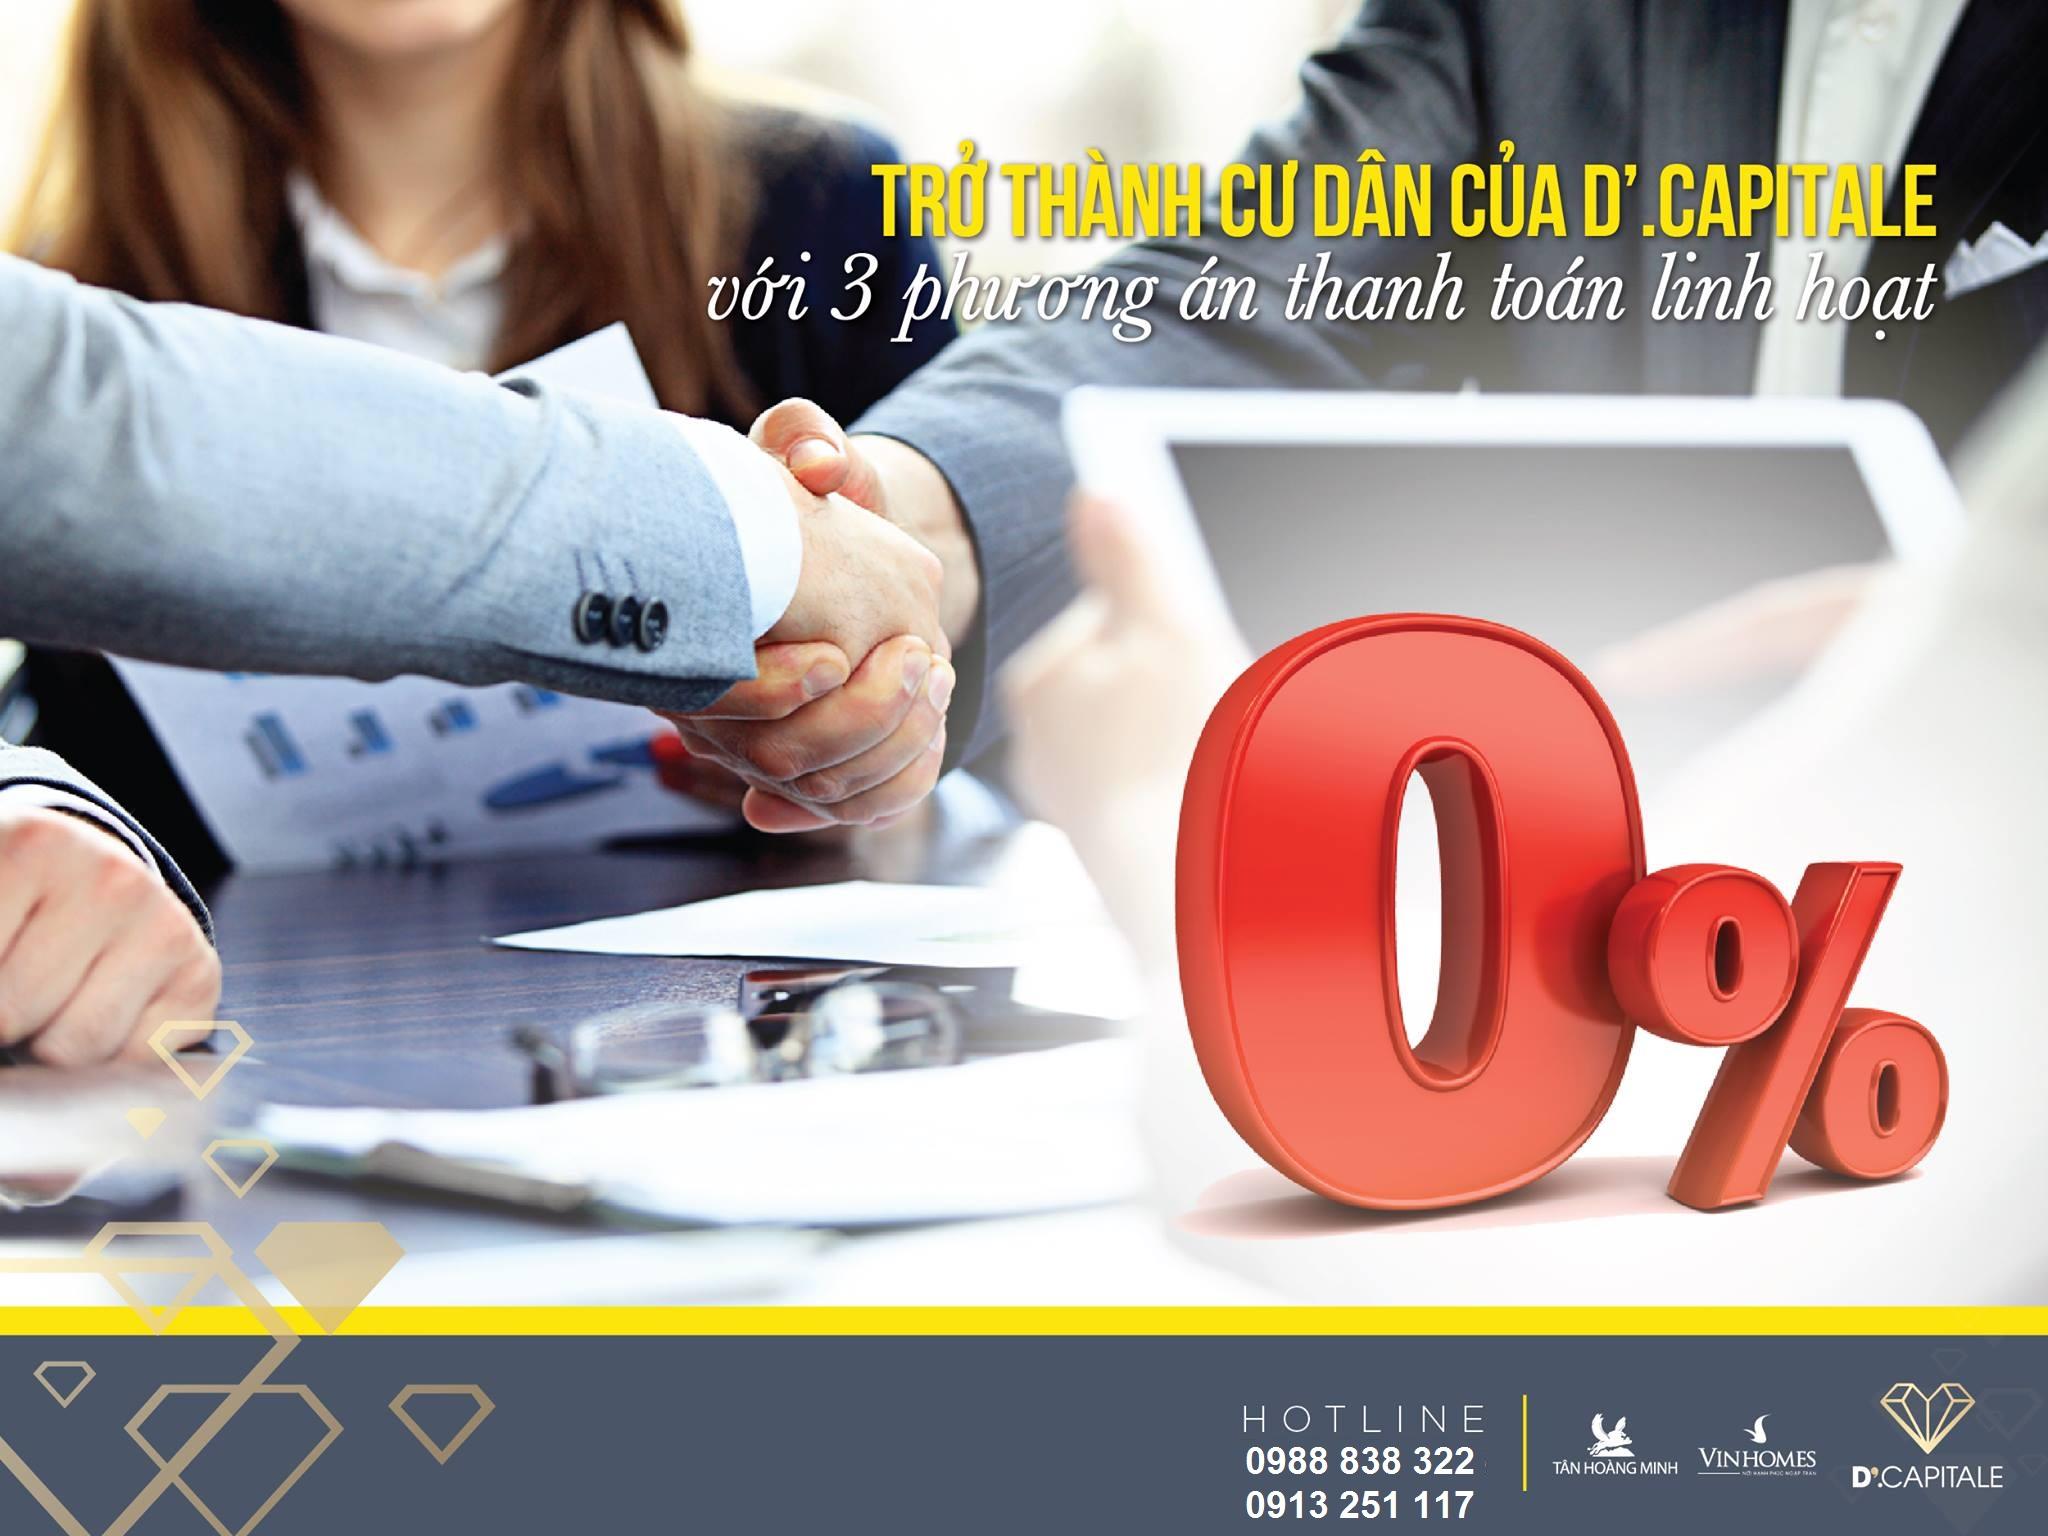 Chính sách bán hàng D'capitale - 3 phương thức thanh toán linh hoạt